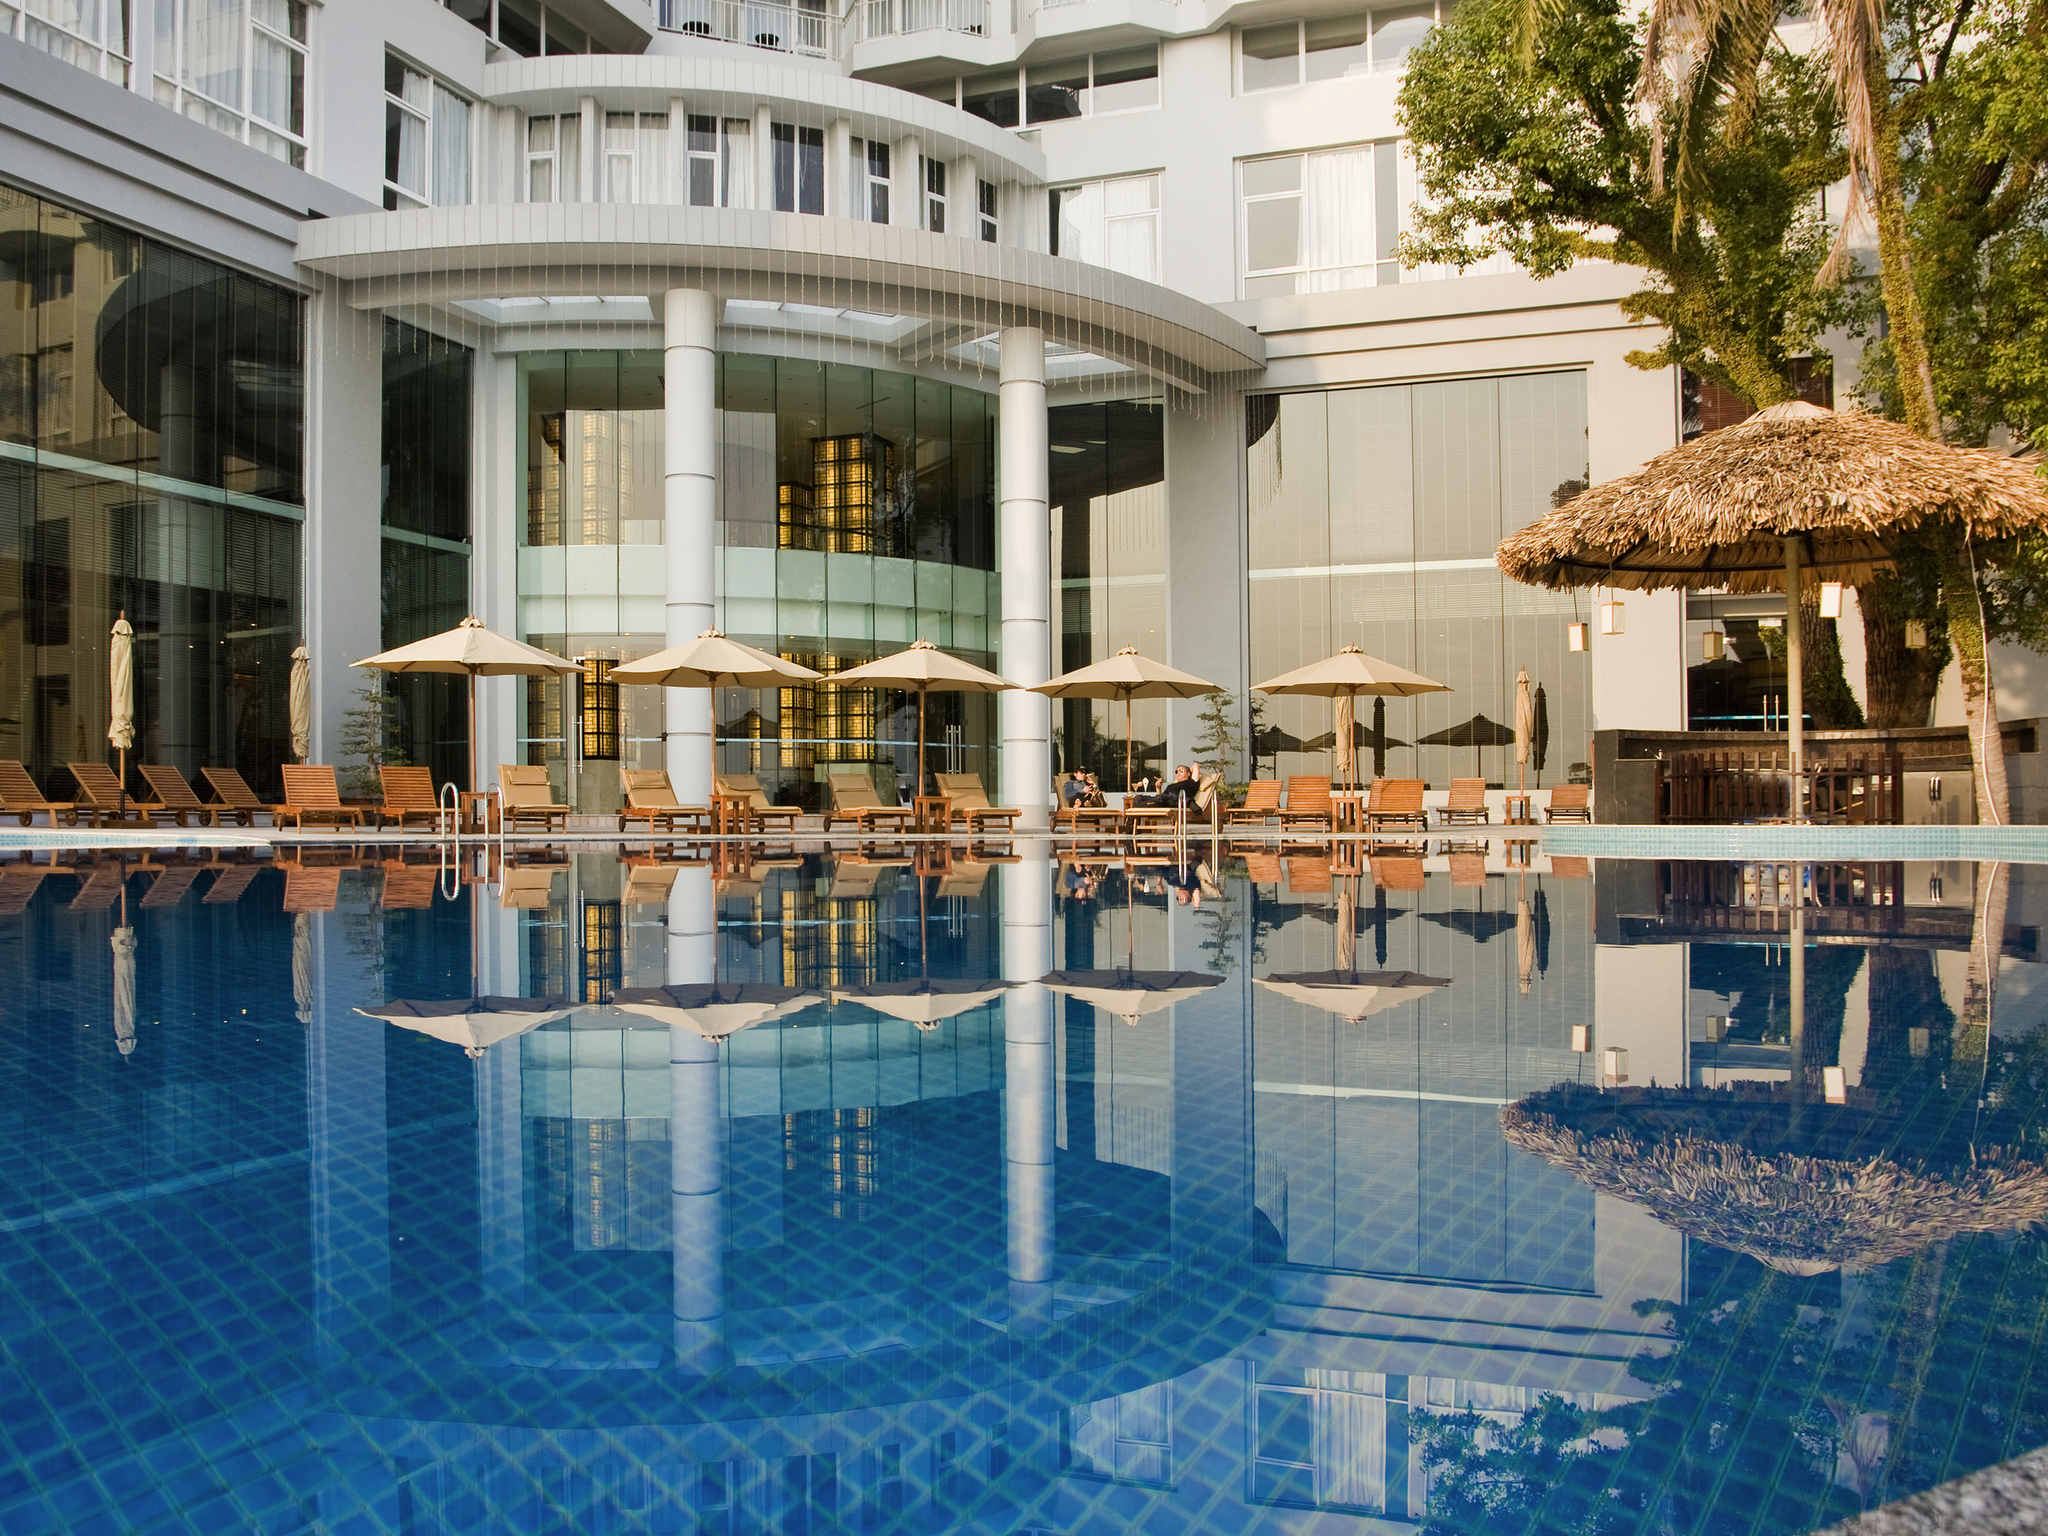 โรงแรม – โนโวเทล ฮาลองเบย์